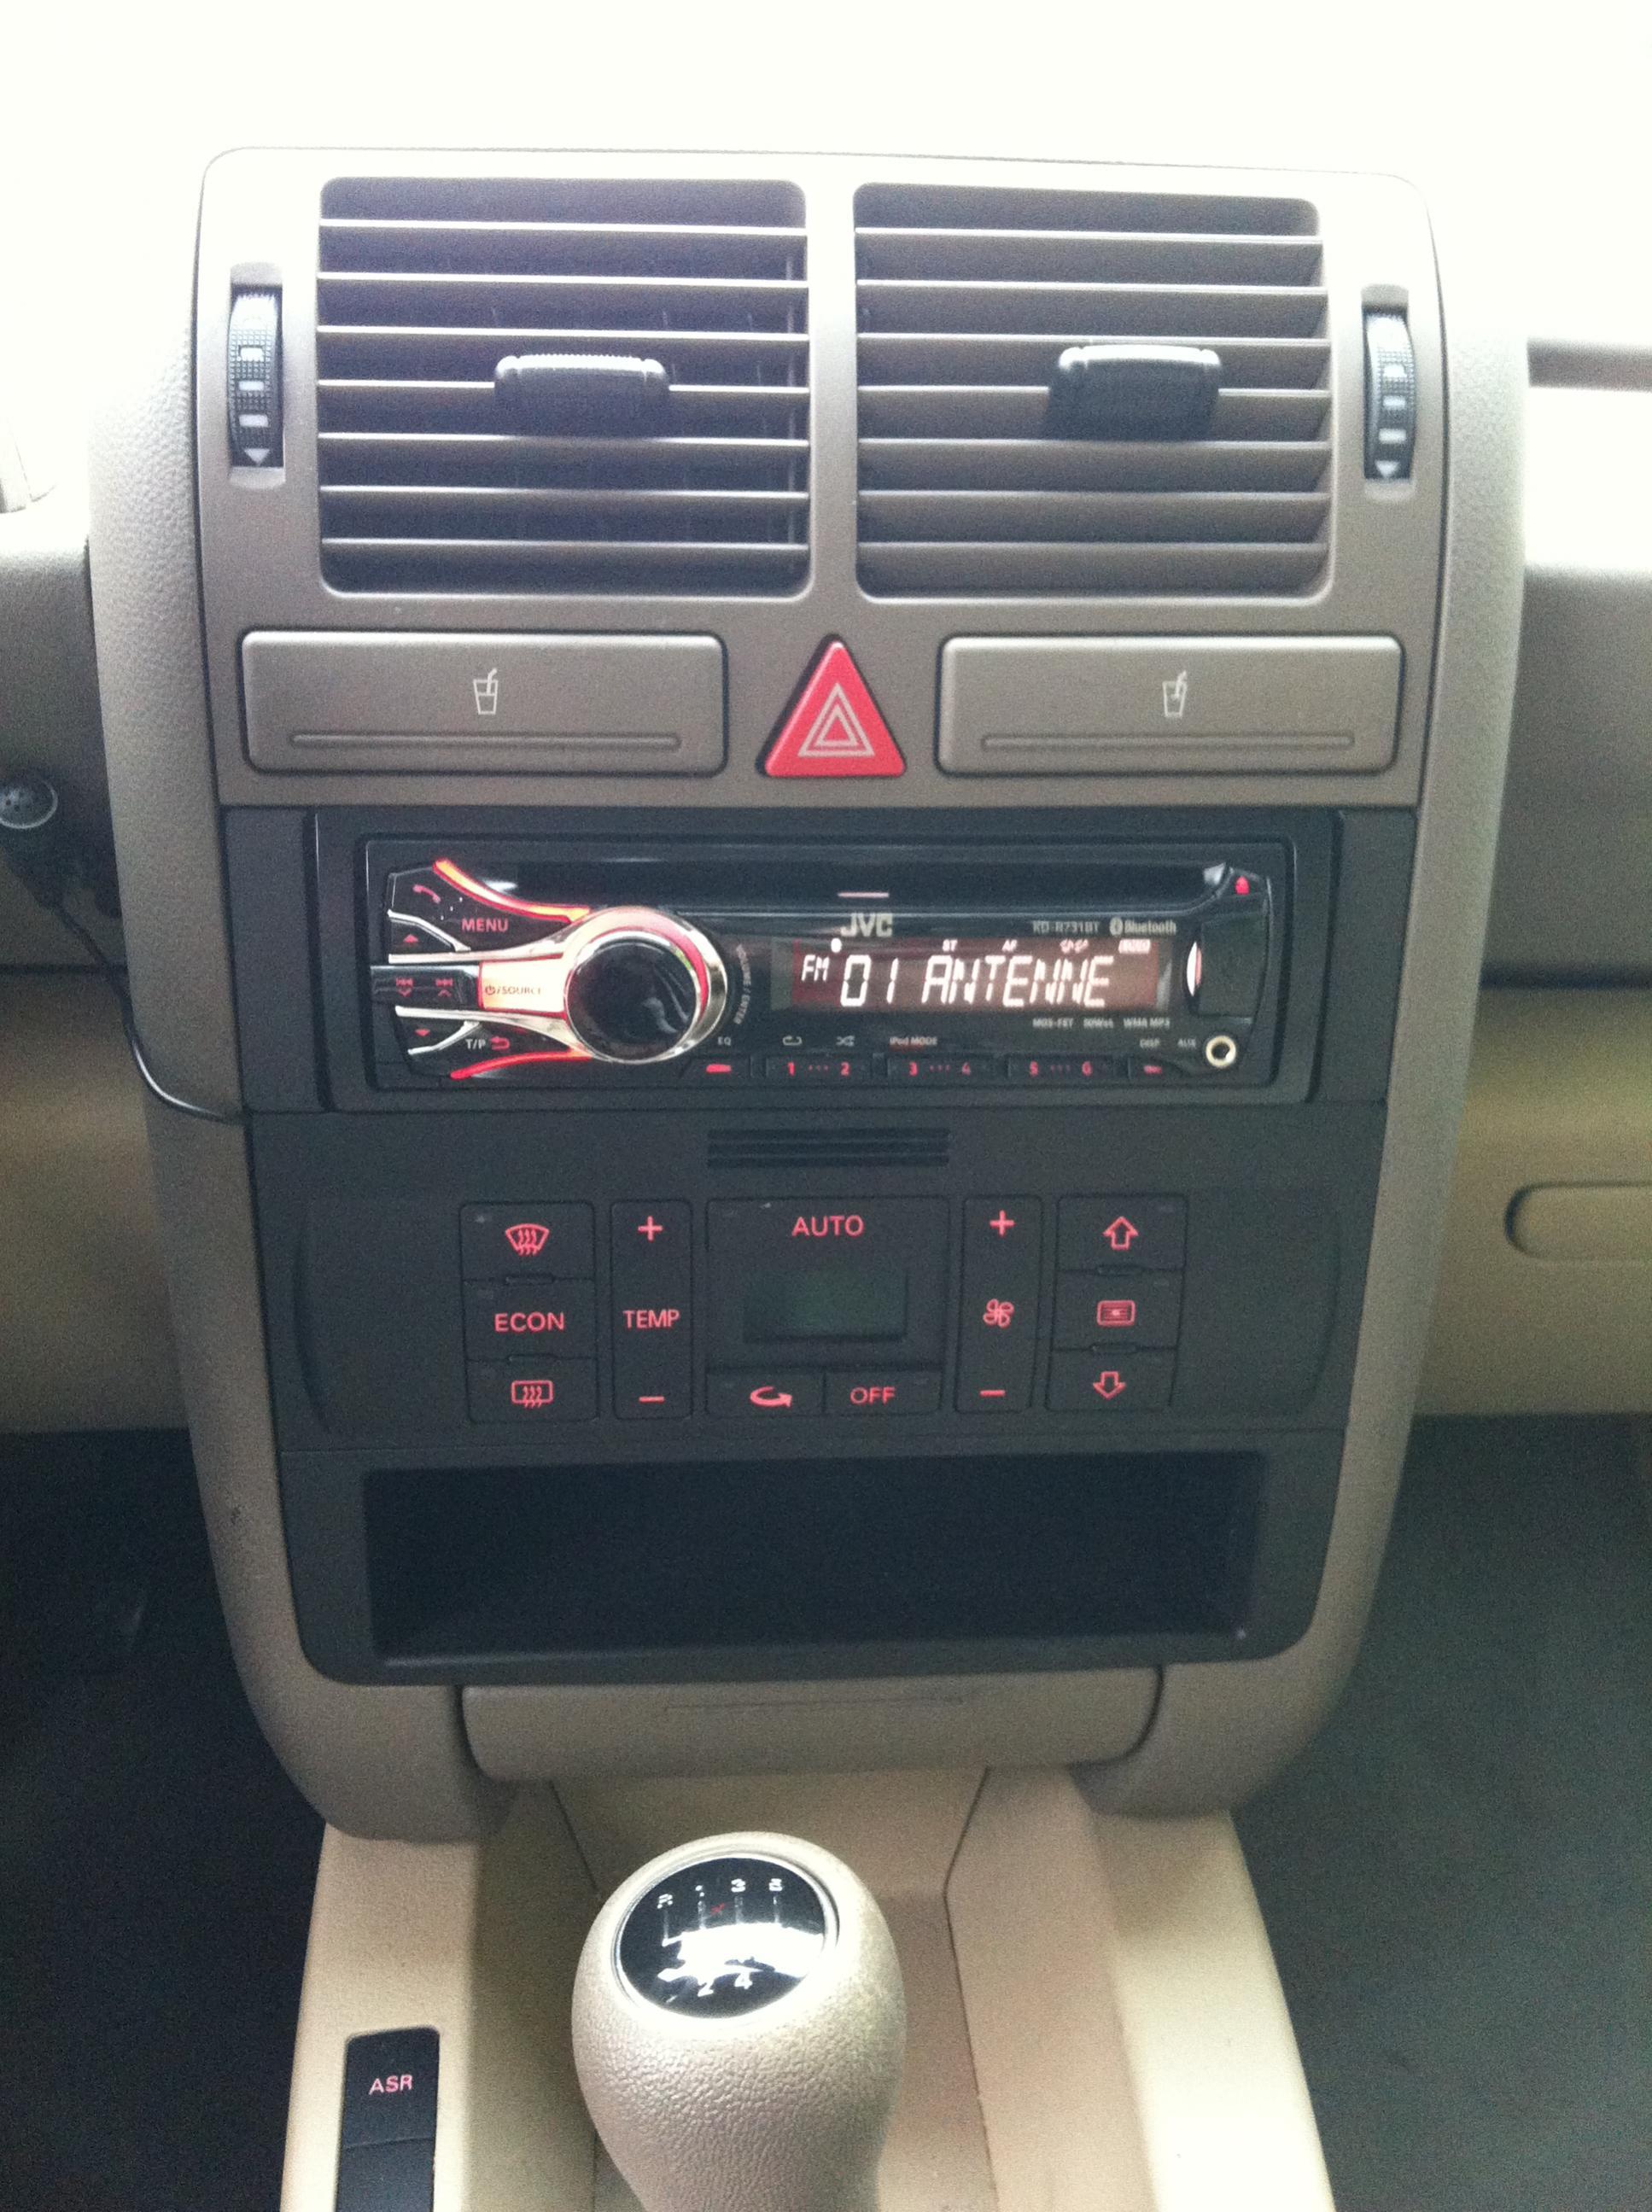 ISO-Radio nachrüsten - Seite 6 - HIFI - Handy - NAVI - Audi A2 Club ...